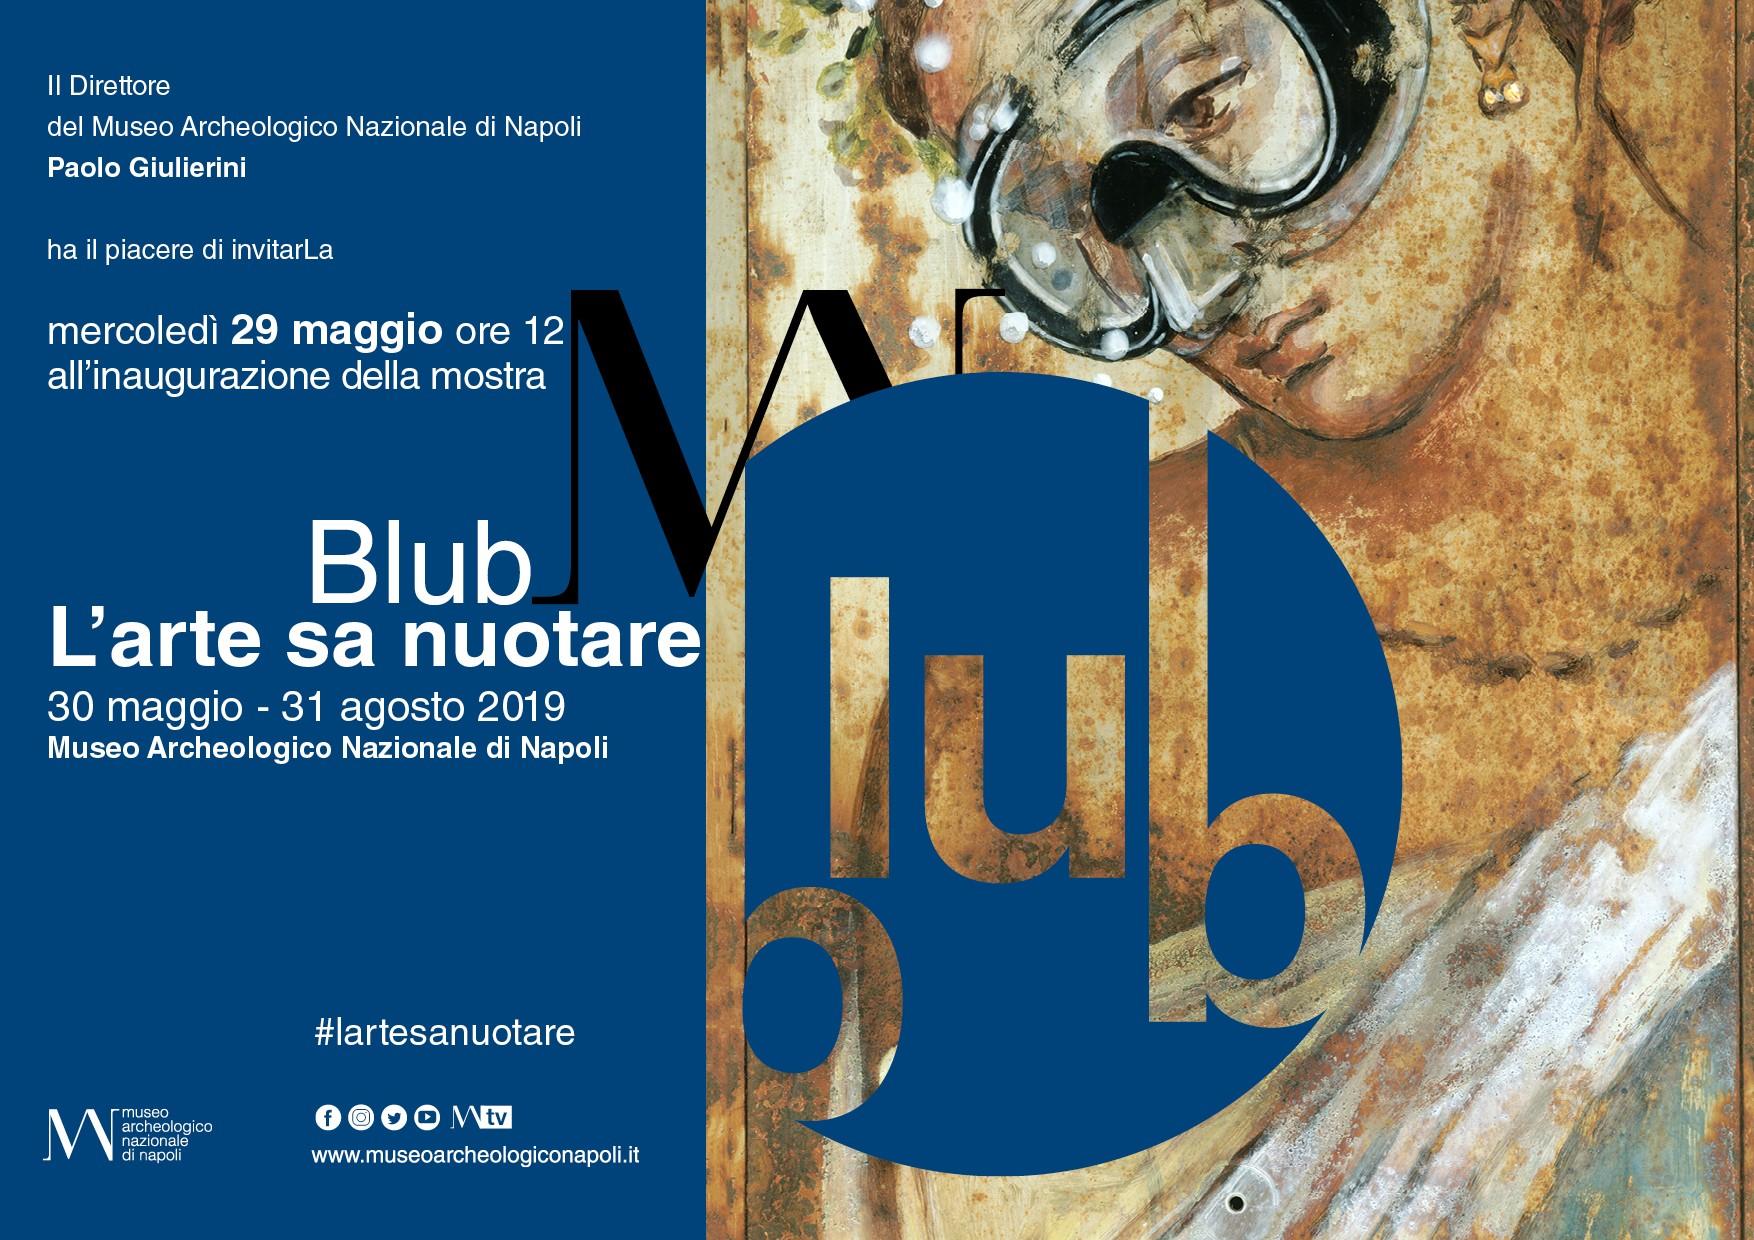 """Mercoledì 29 maggio, ore 12, inaugurerà al MANN  """"L'arte sa nuotare"""" dello street artist Blub"""